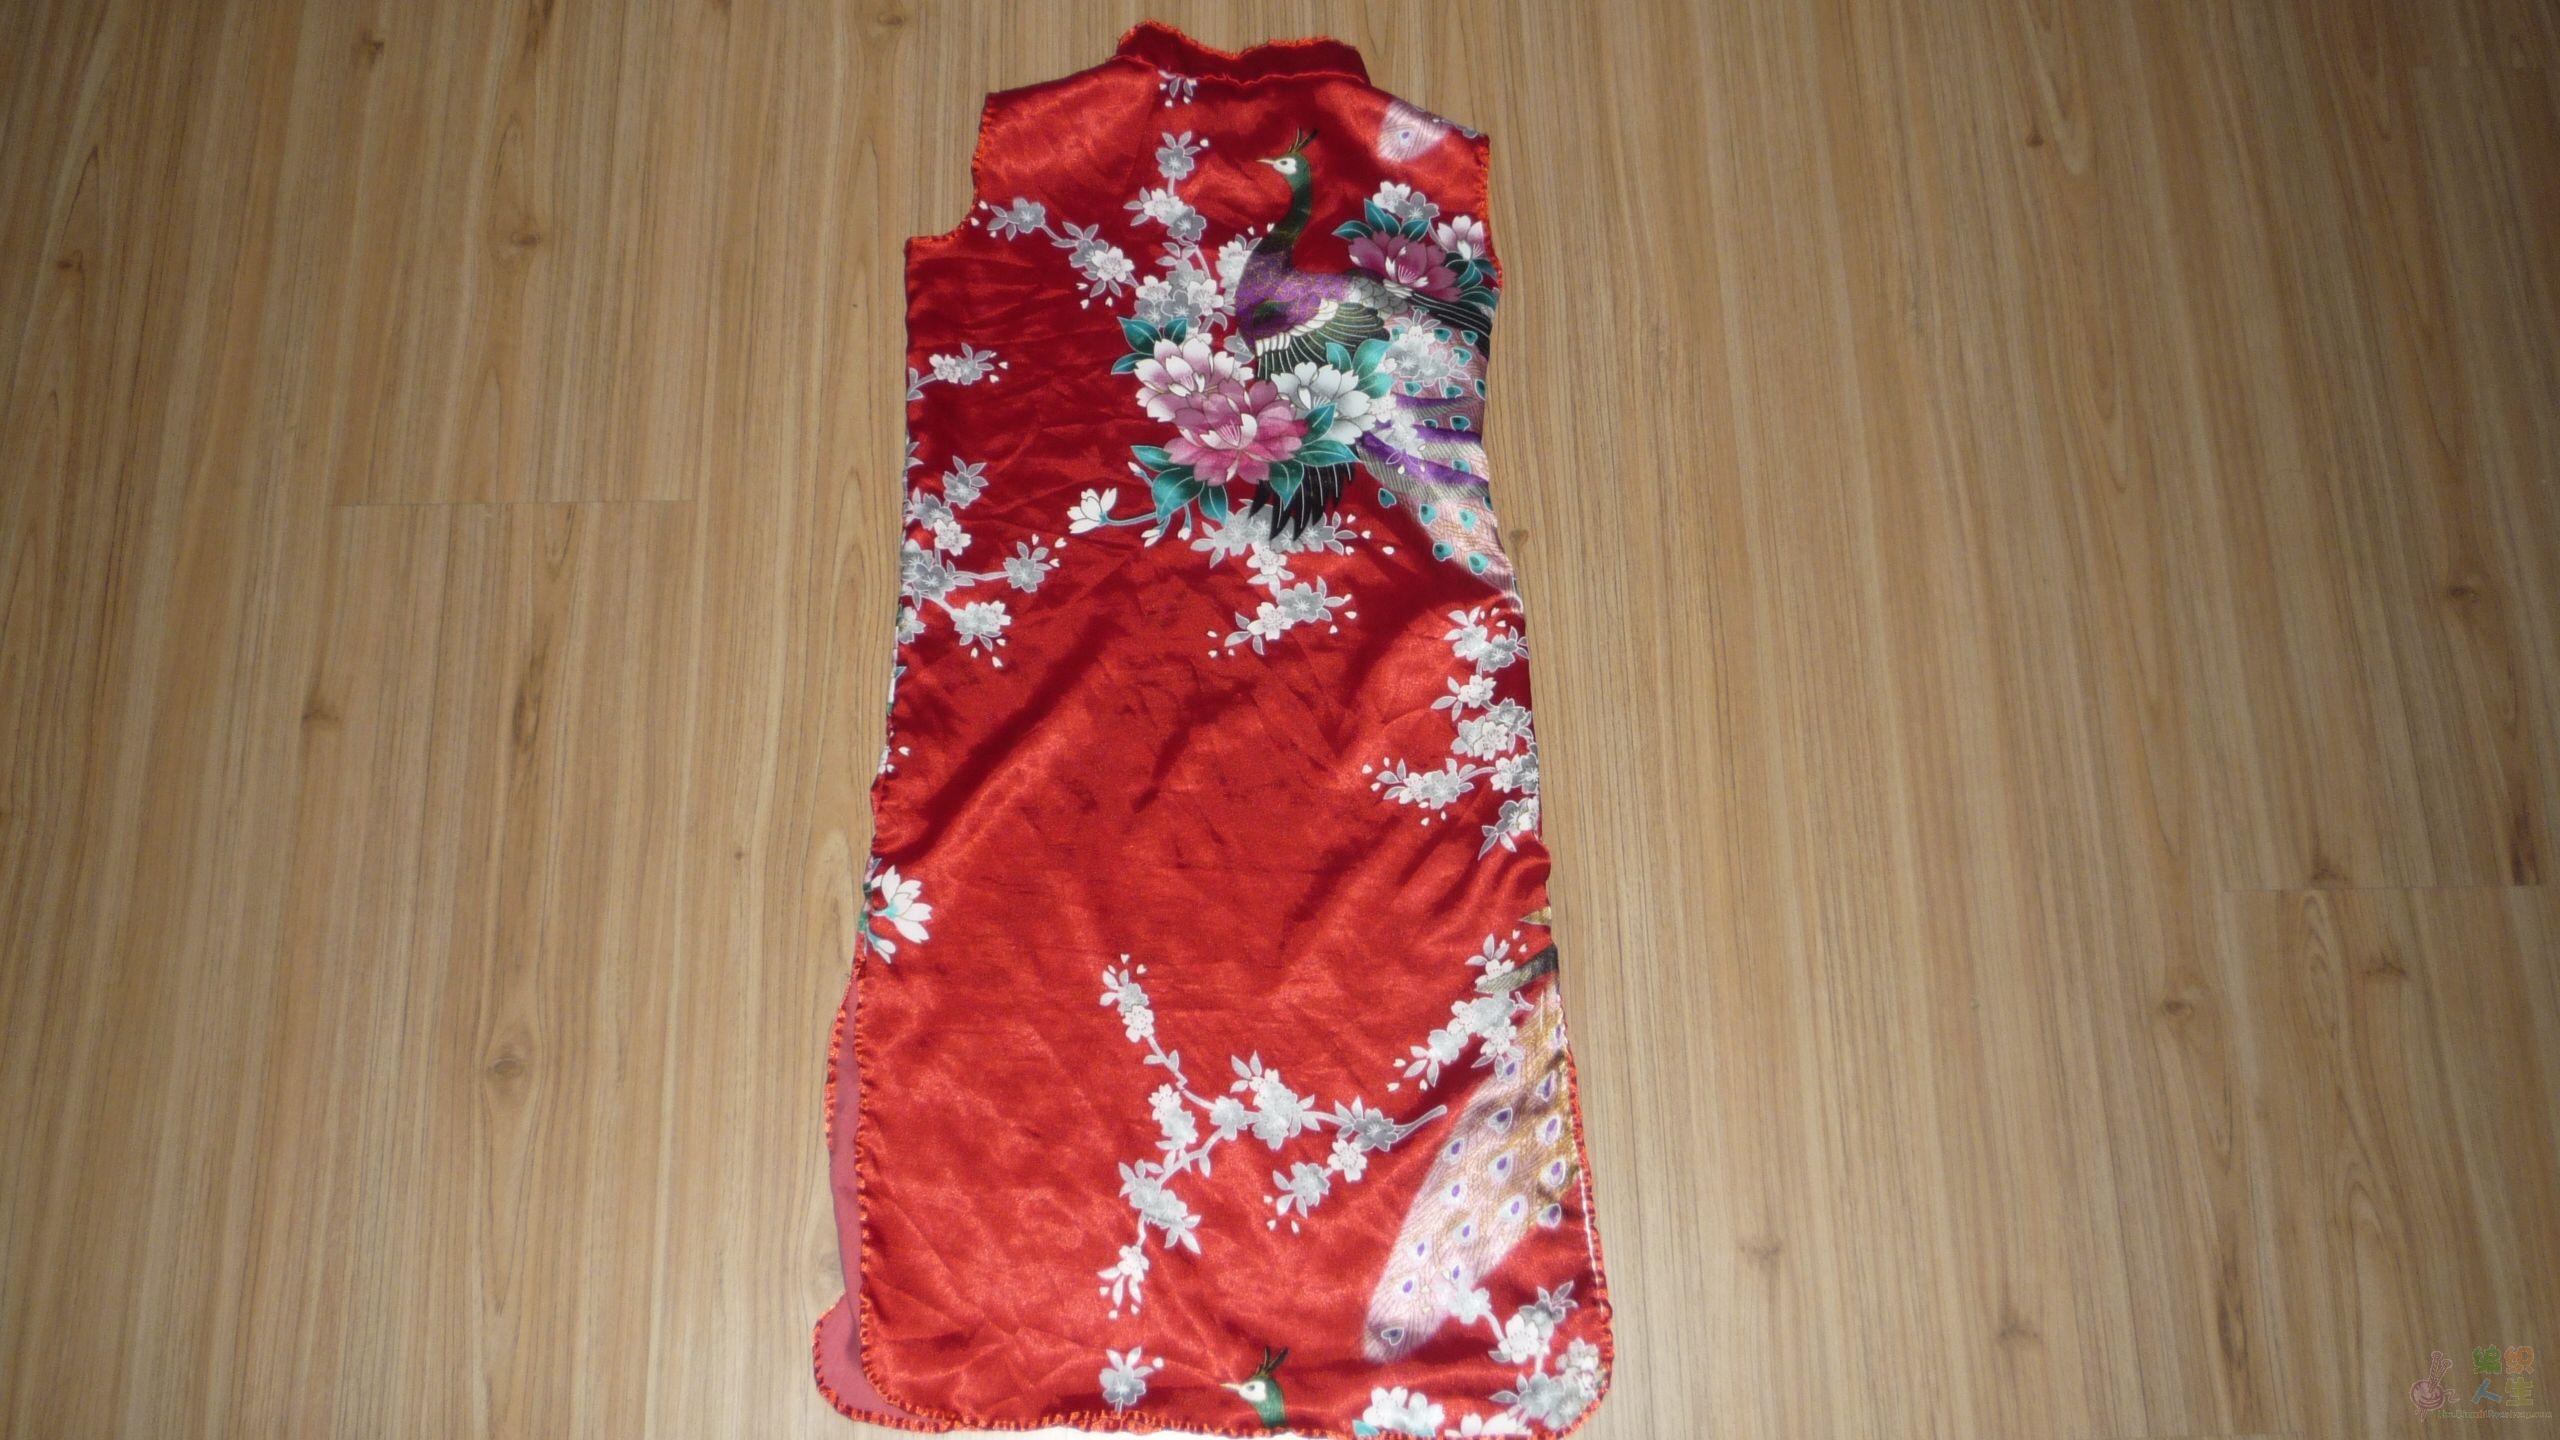 论坛 69 手工diy俱乐部 69 服装设计与裁剪 69 旗袍